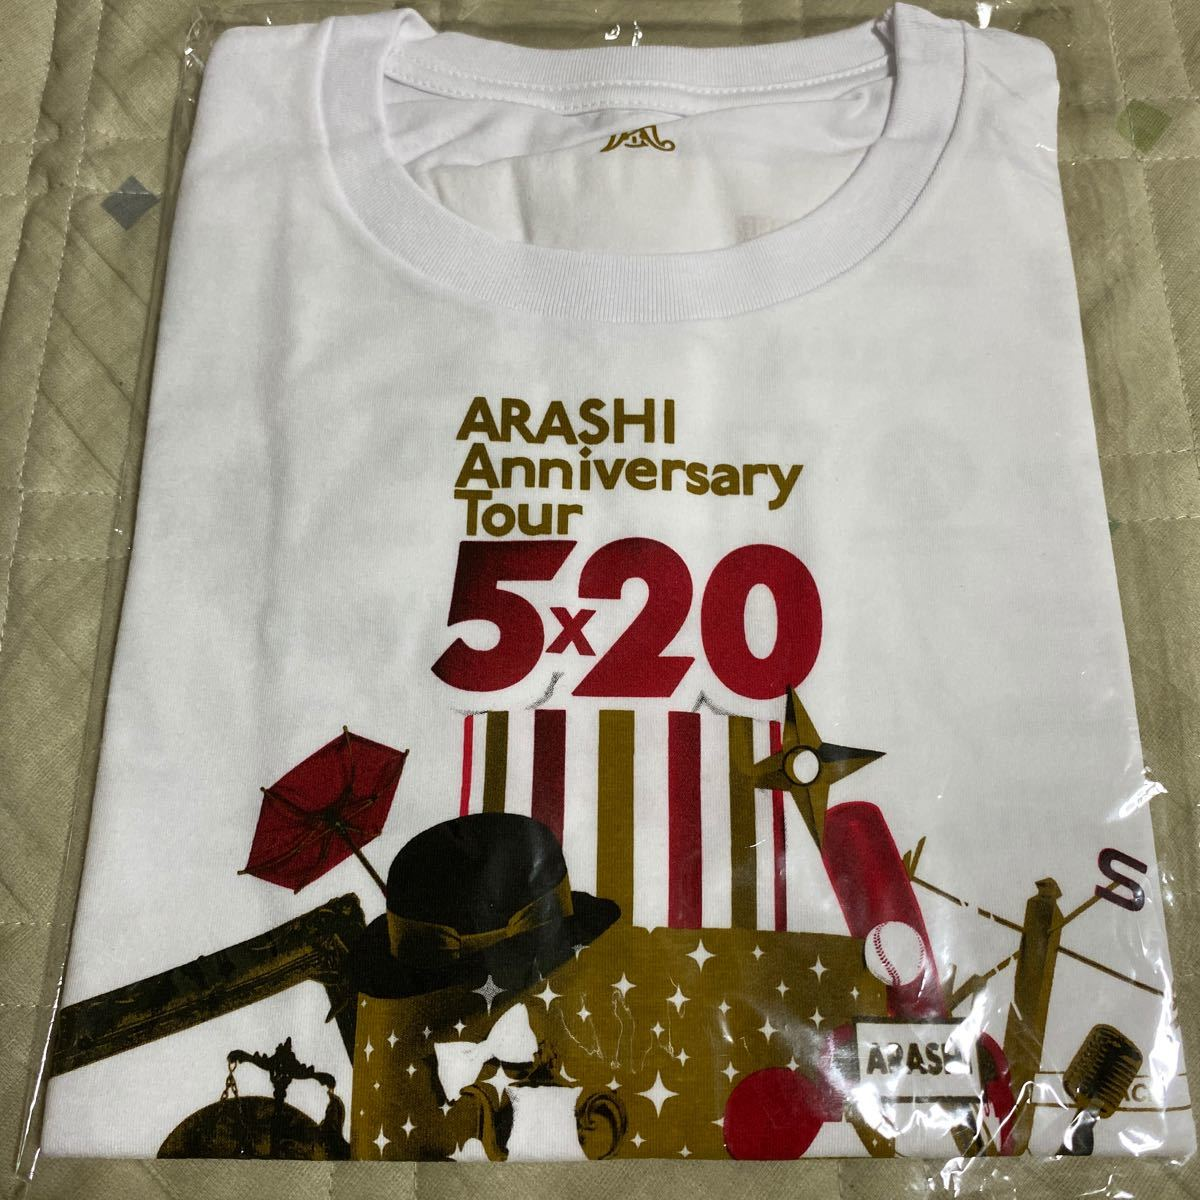 嵐 ARASHI Anniversary Tour 5×20 グッズ Tシャツ 【新品 未開封】